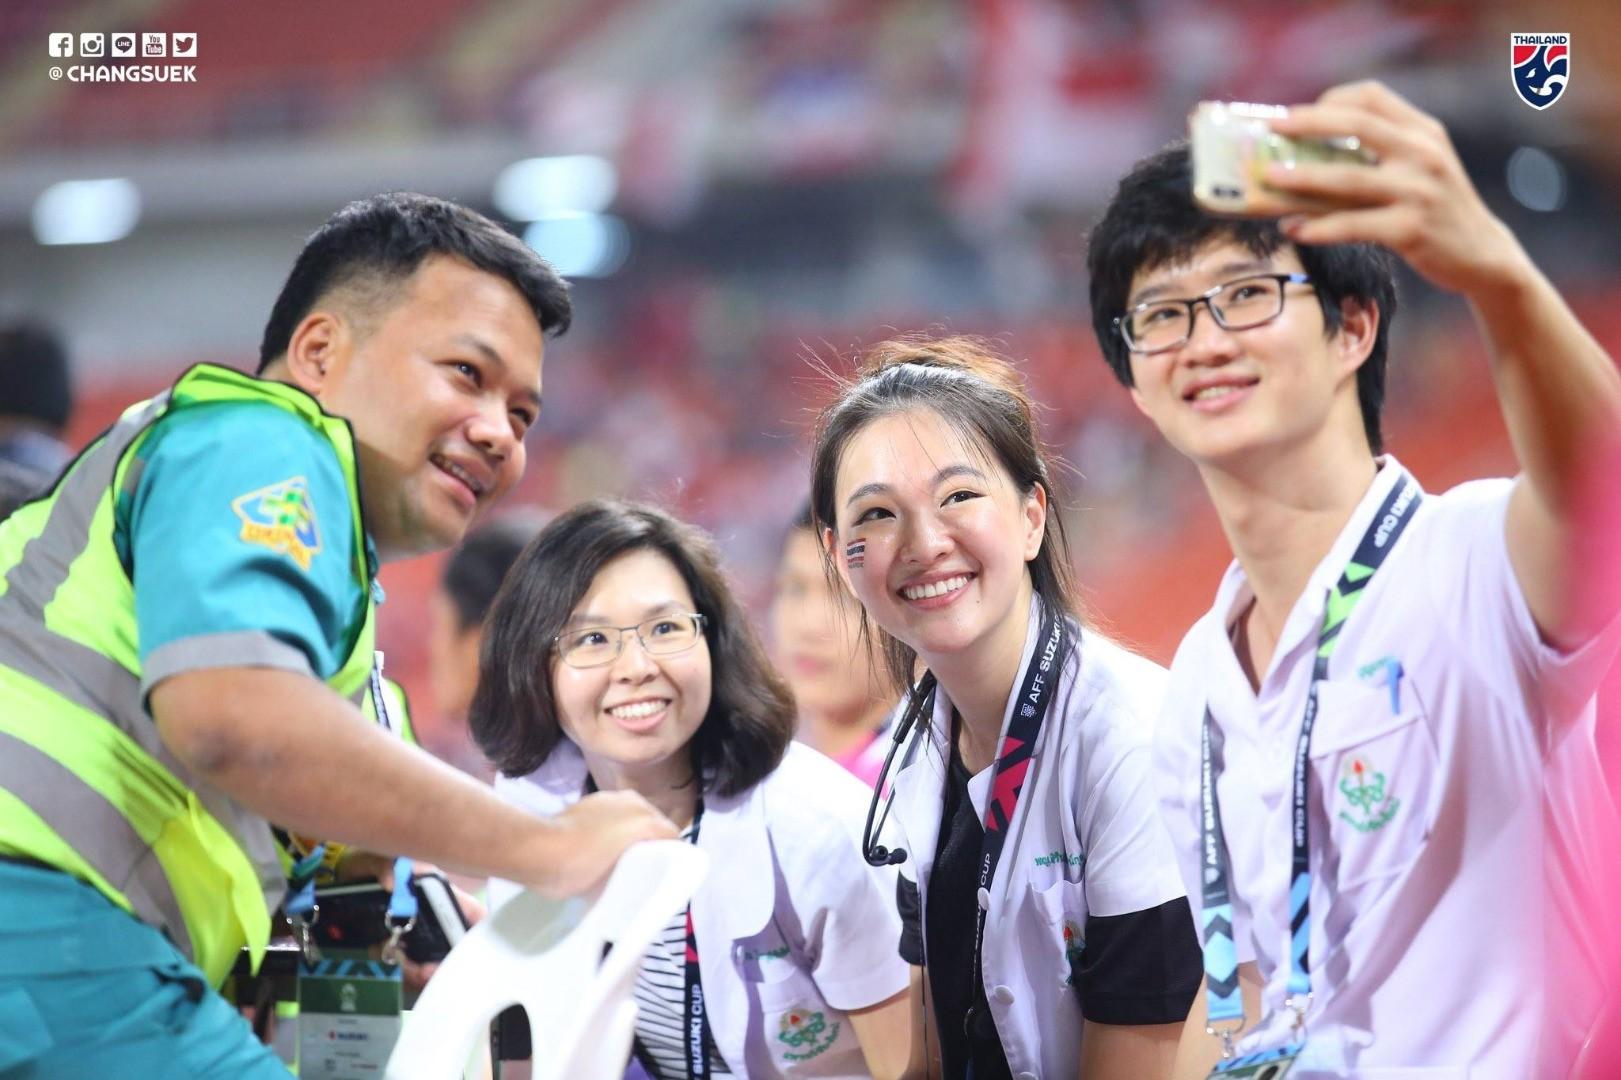 Bác sĩ của tuyển Thái Lan tại AFF Cup 2018 từng đăng quang Hoa hậu - Ảnh 2.